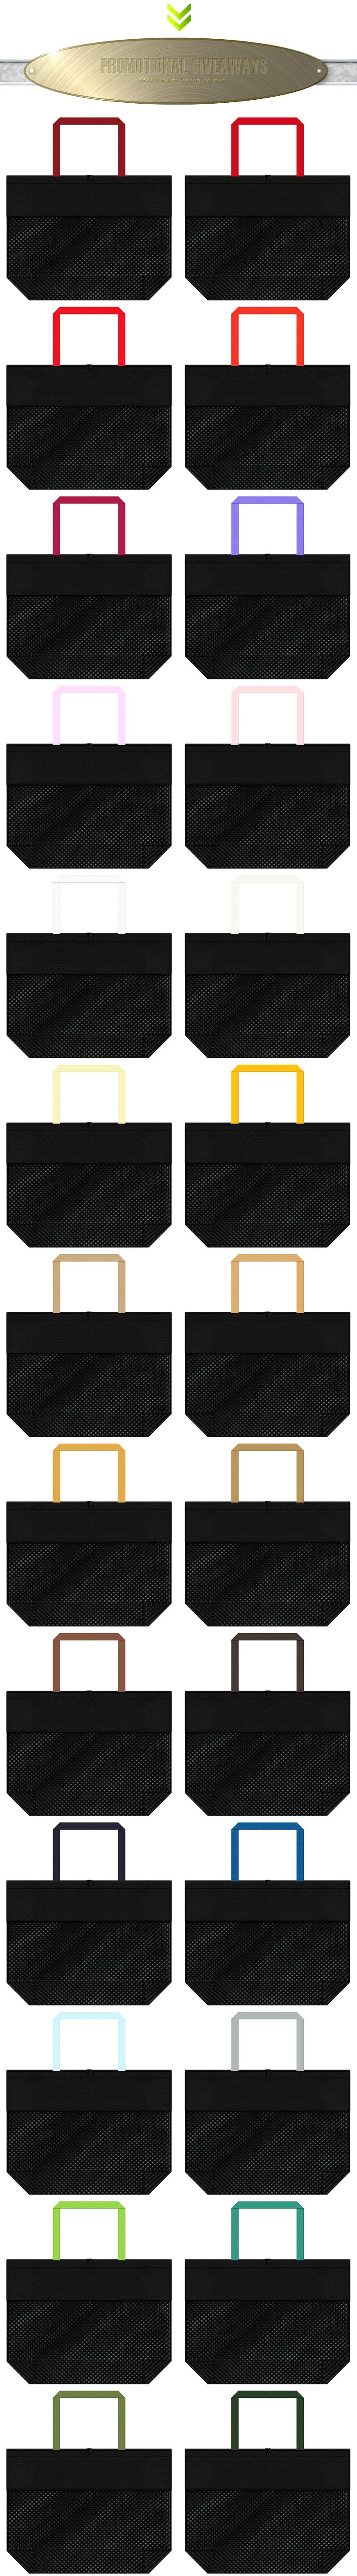 黒色メッシュと黒色不織布をメインに使用した、台形型メッシュバッグのカラーシミュレーション